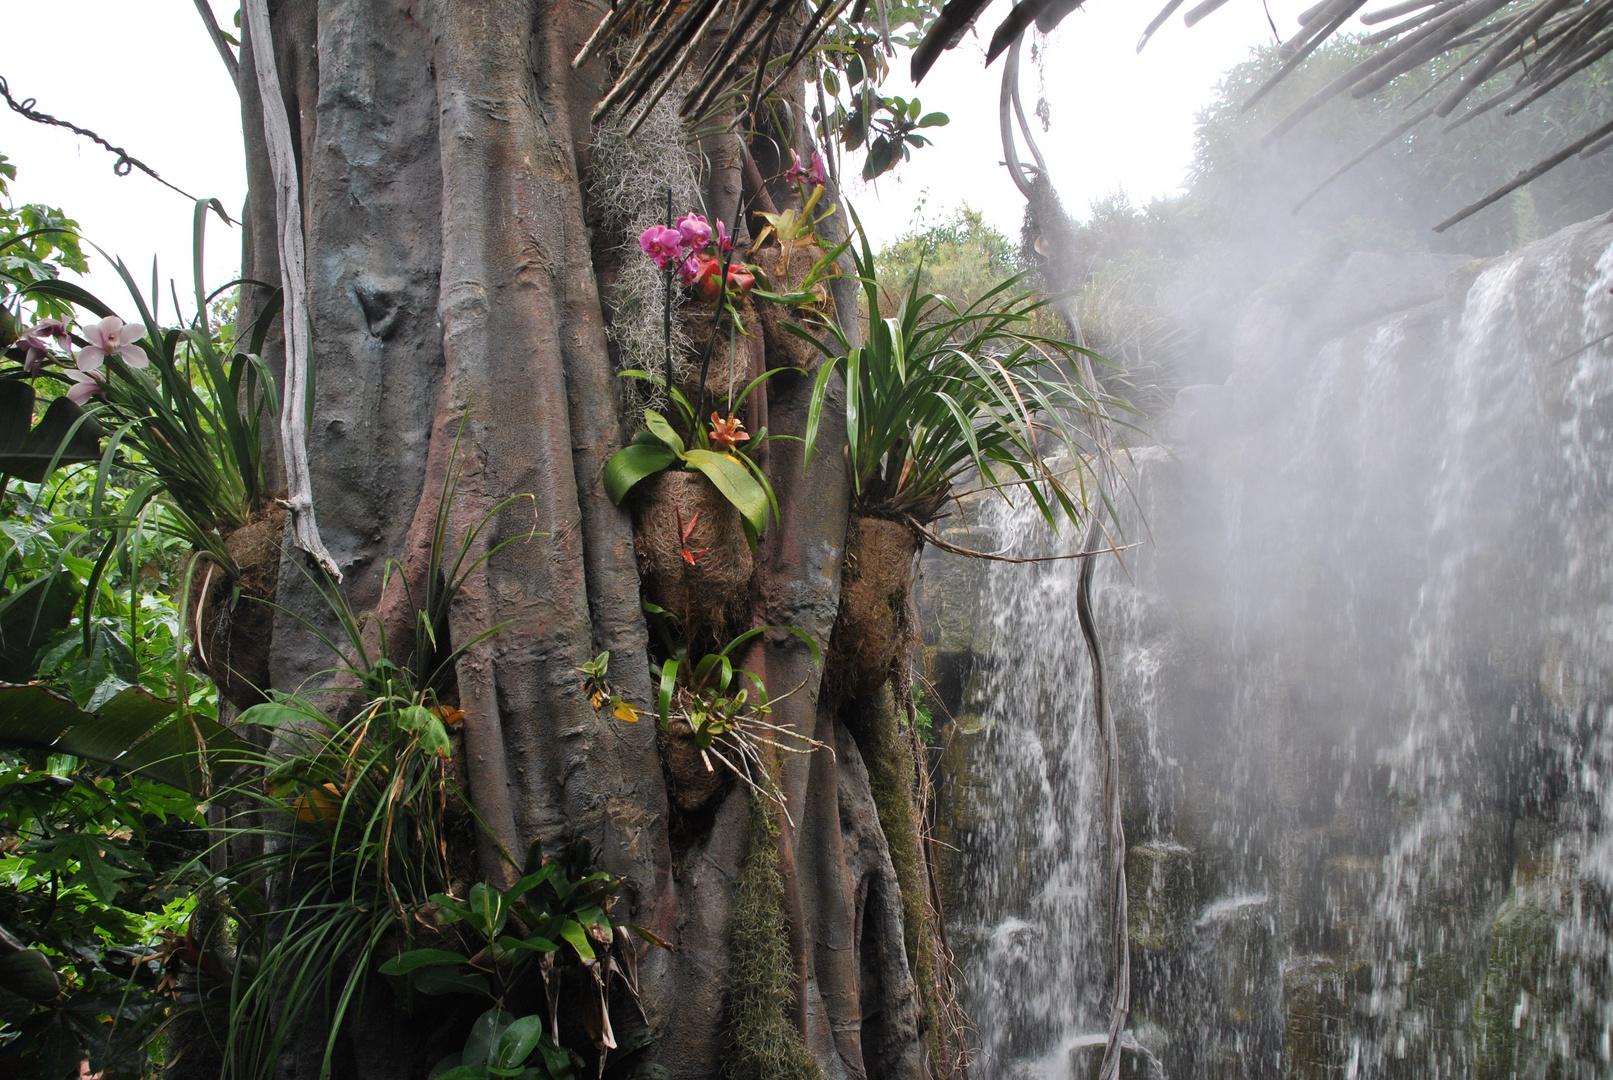 Baumbewuchs durch orchideen